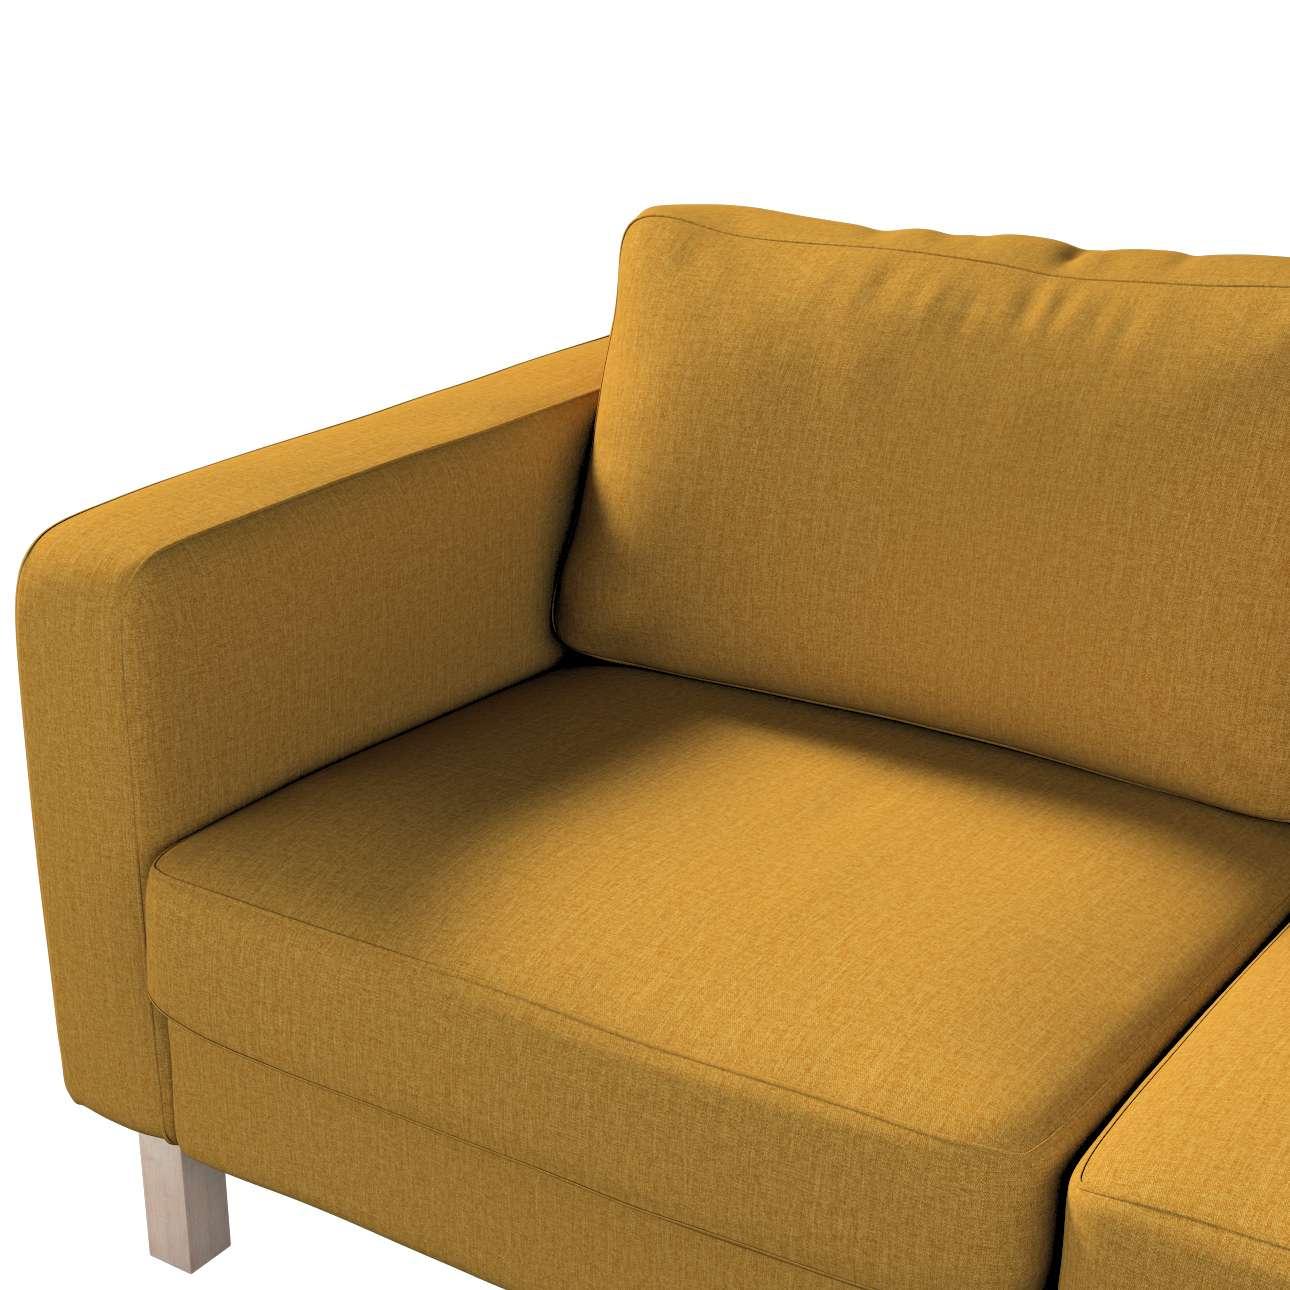 Pokrowiec na sofę Karlstad 2-osobową nierozkładaną krótki w kolekcji City, tkanina: 704-82